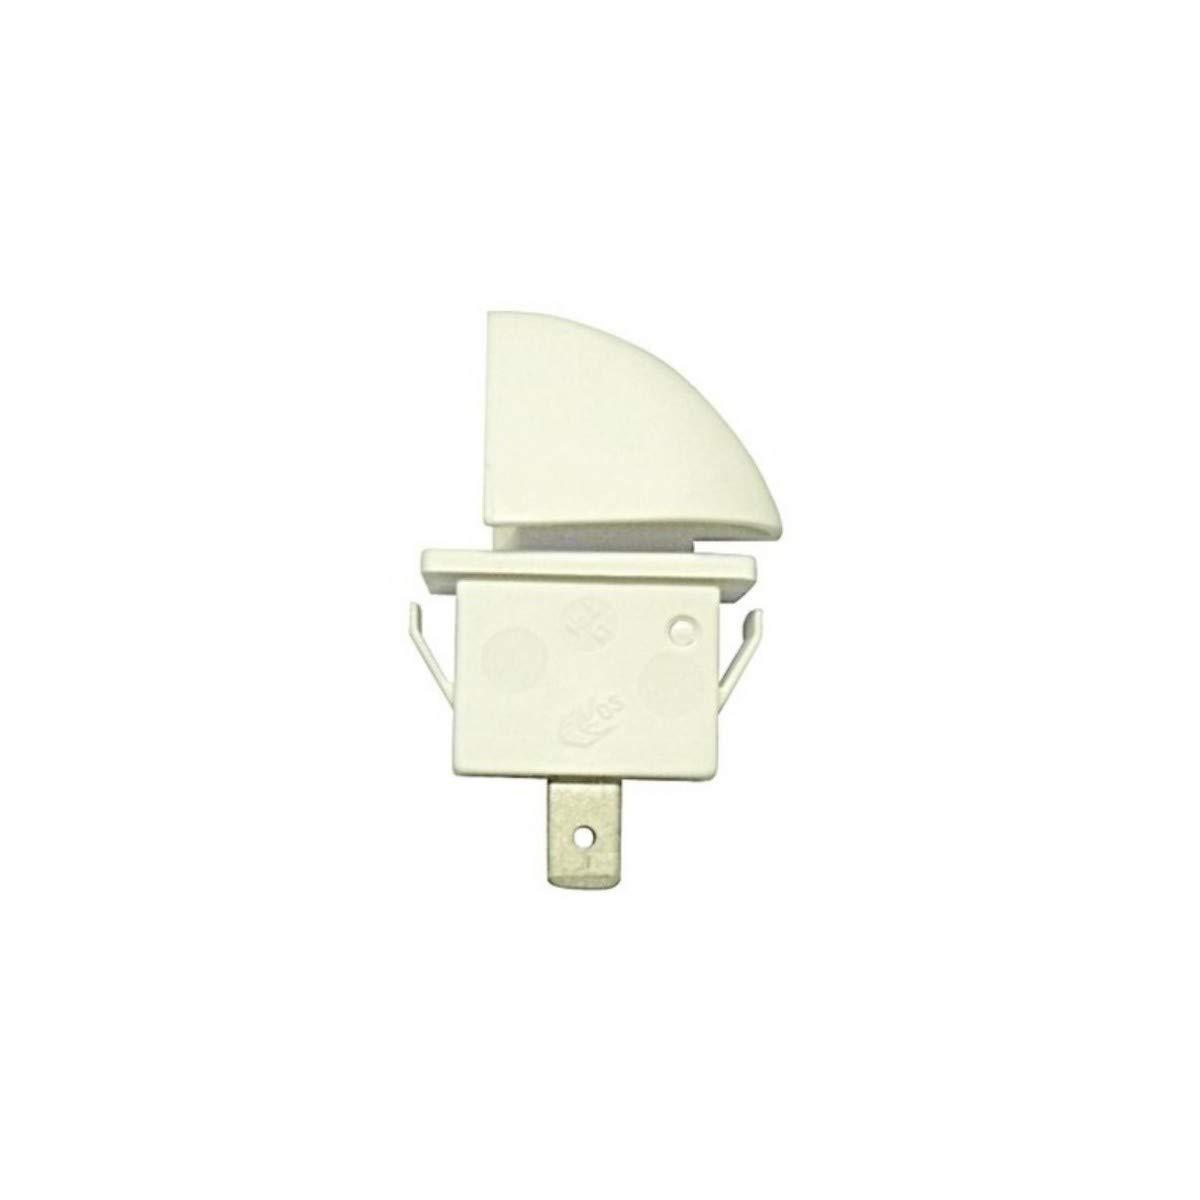 Recamania Interruptor luz frigorífico Fagor Edesa Aspes 1FFD23 ...